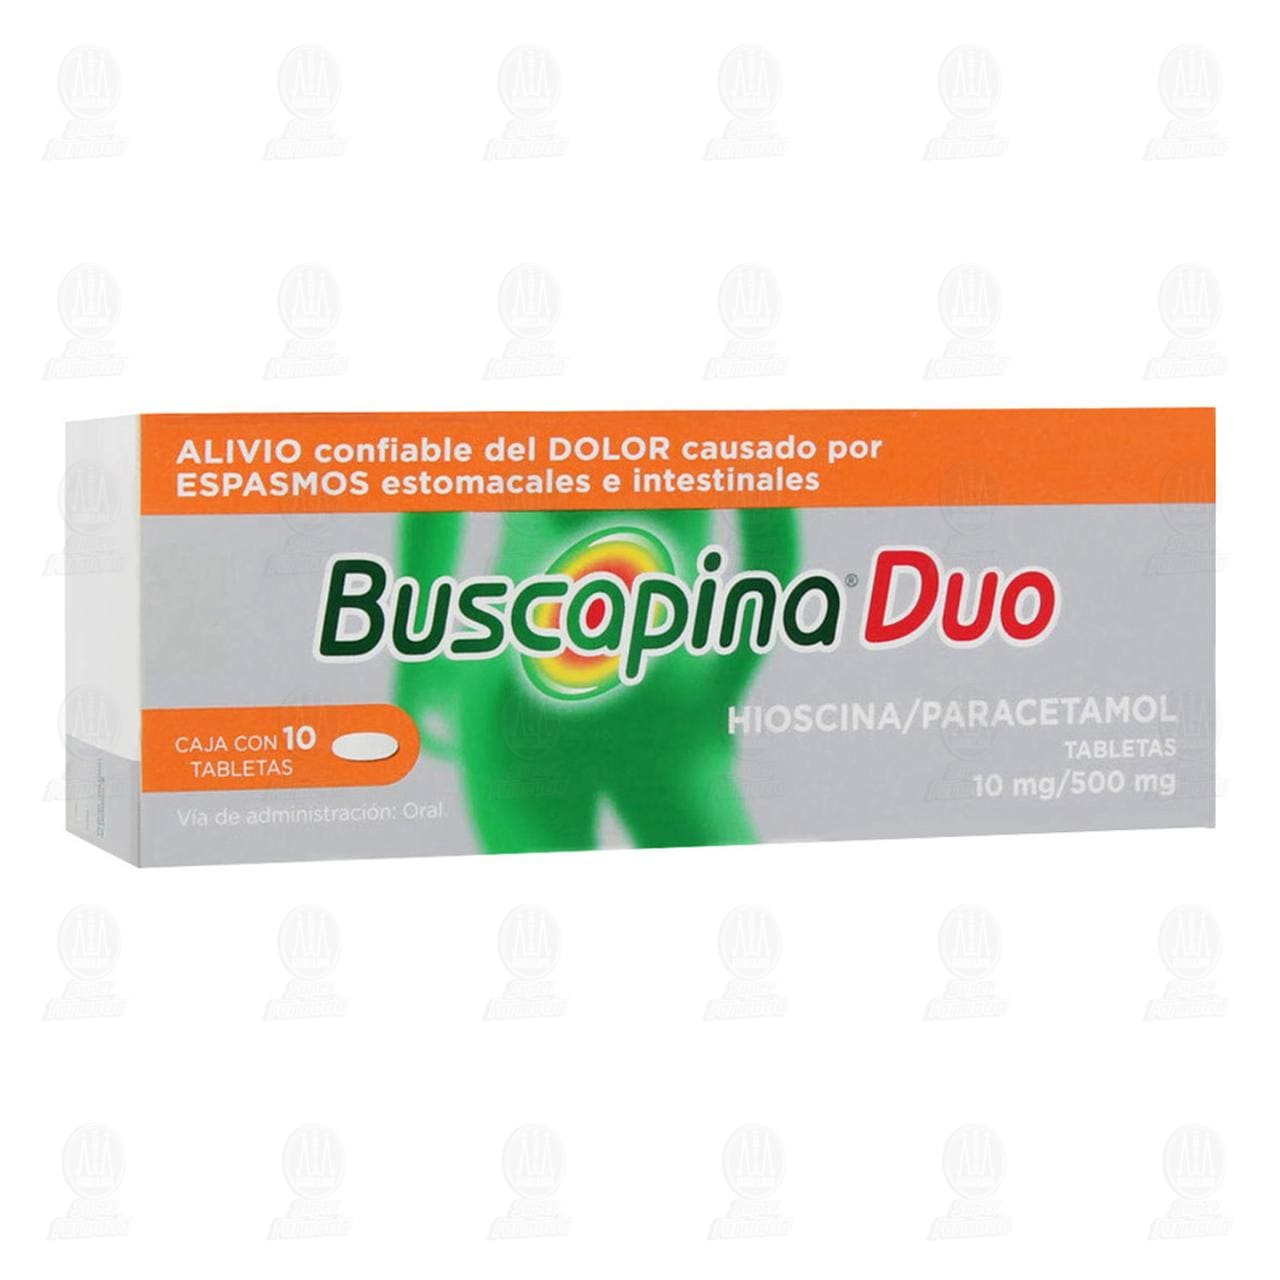 Comprar Buscapina Duo 10mg/500mg 10 Tabletas en Farmacias Guadalajara